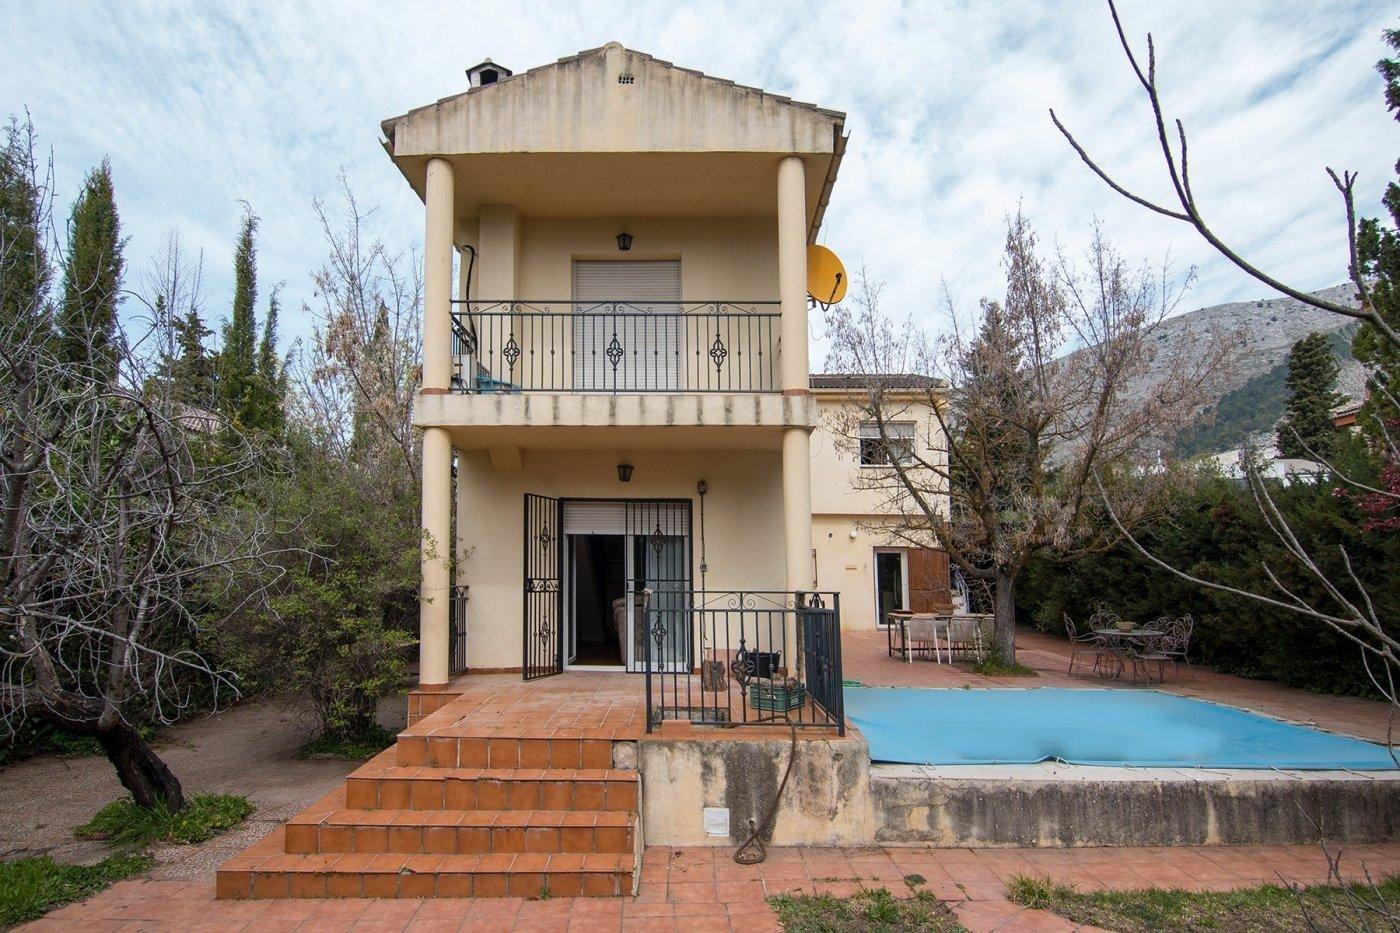 Estupenda casa en el tranquilo pueblo de Alfacar, Granada